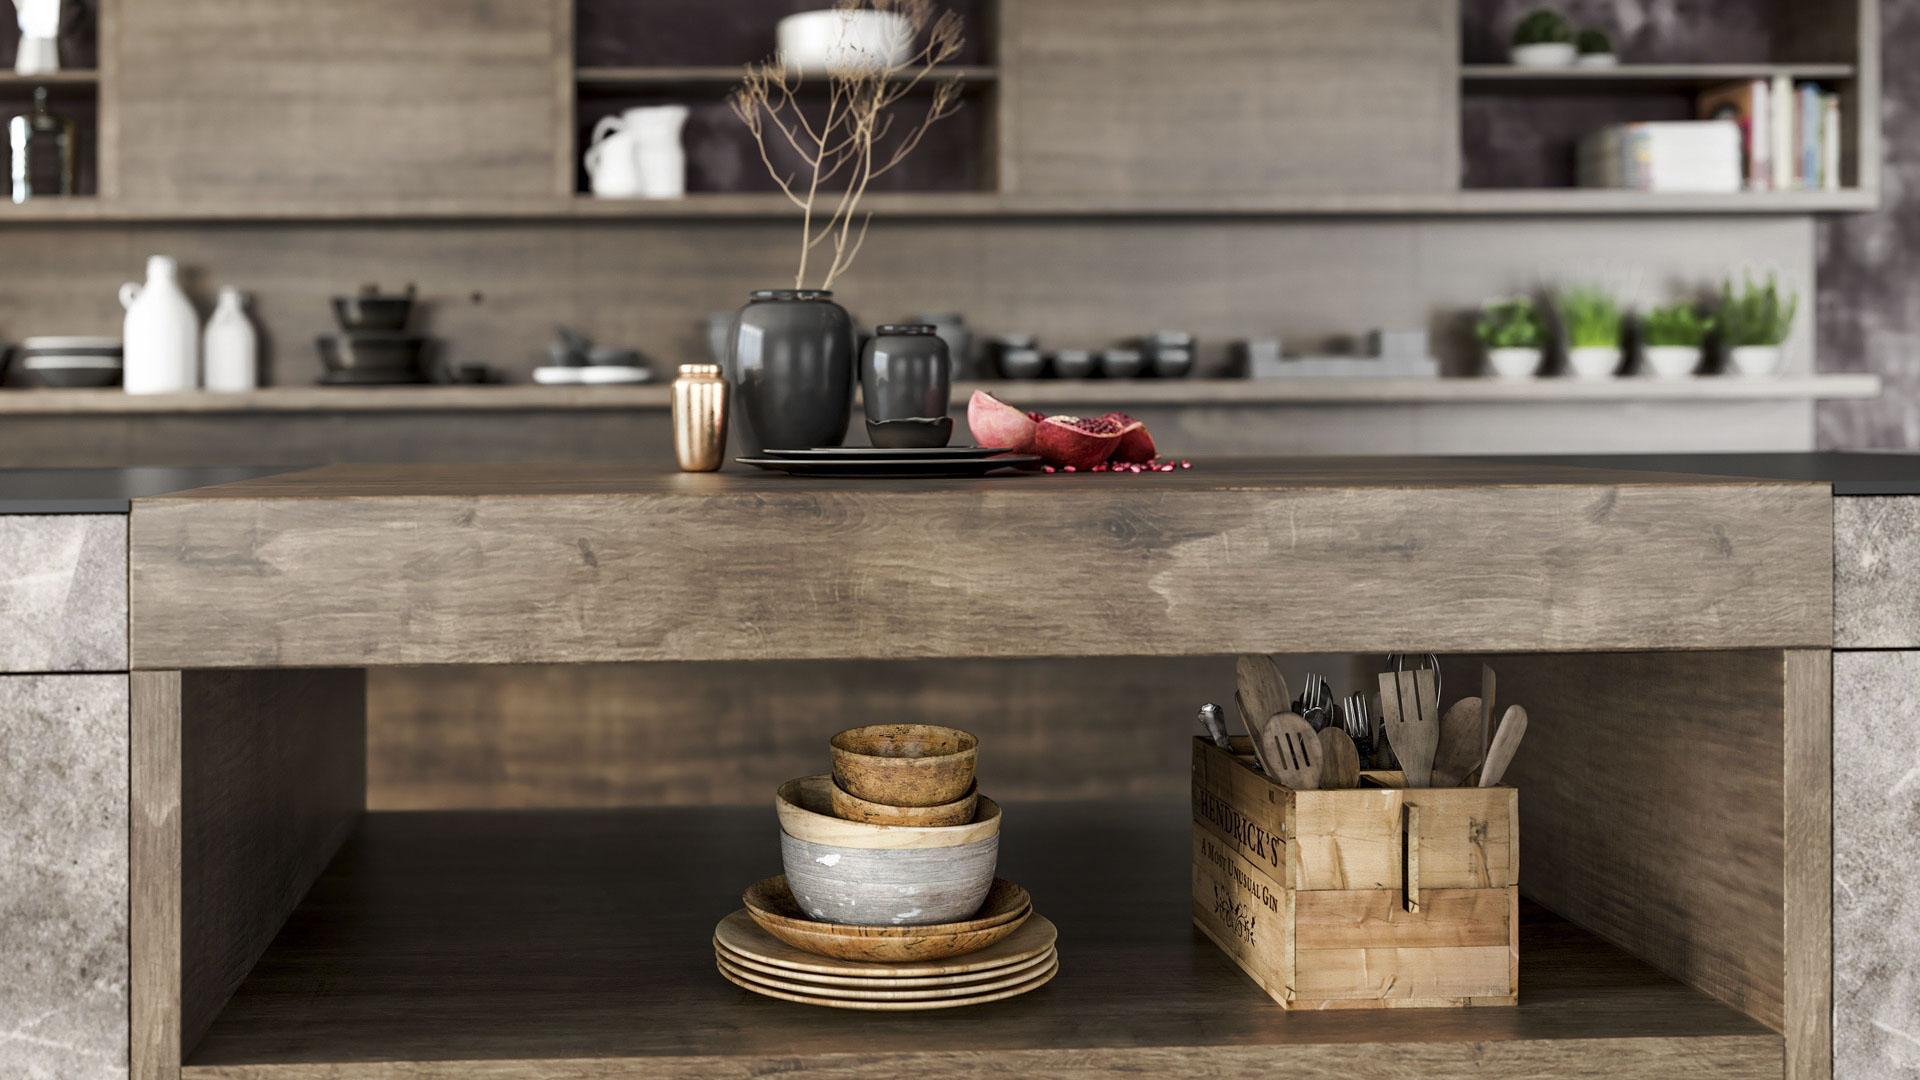 Industrial Style - Durch die richtigen Farben, Möbel und Accessoires wird in Ihrer Küche ein schicker und moderner Loft-Charakter erzeugt.